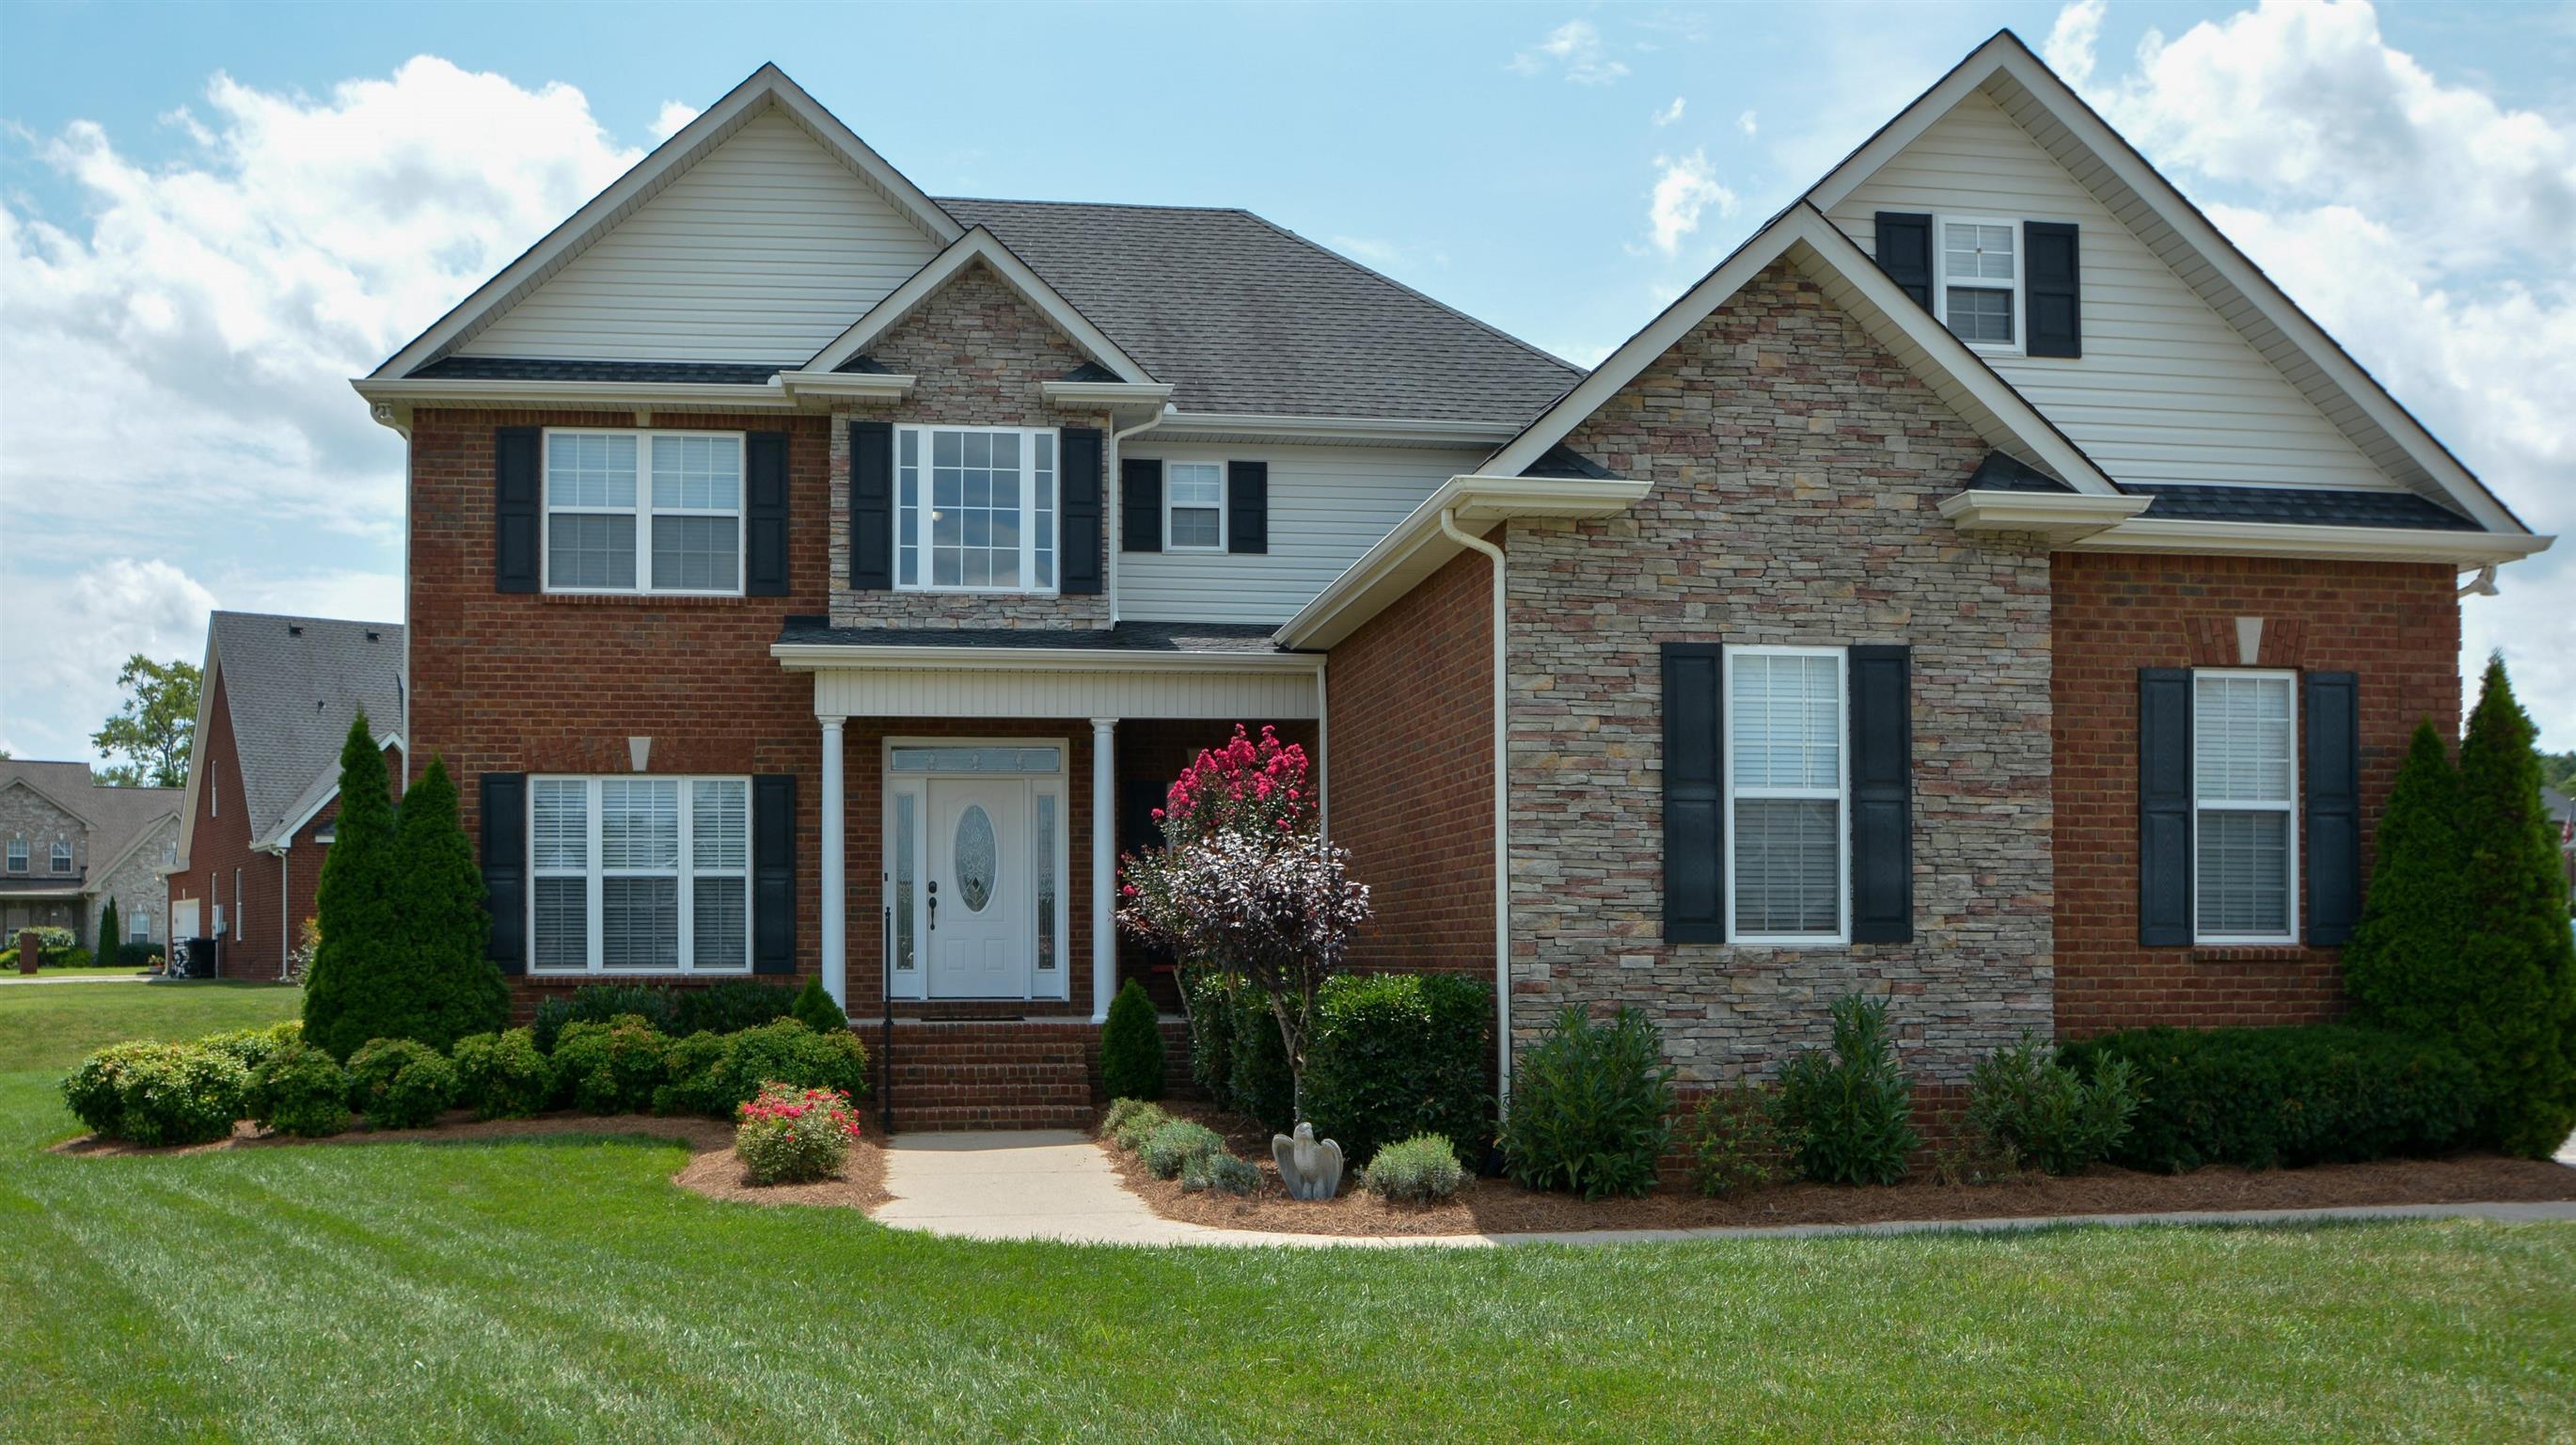 3340 Philistia Ct, Murfreesboro, TN 37127 - Murfreesboro, TN real estate listing